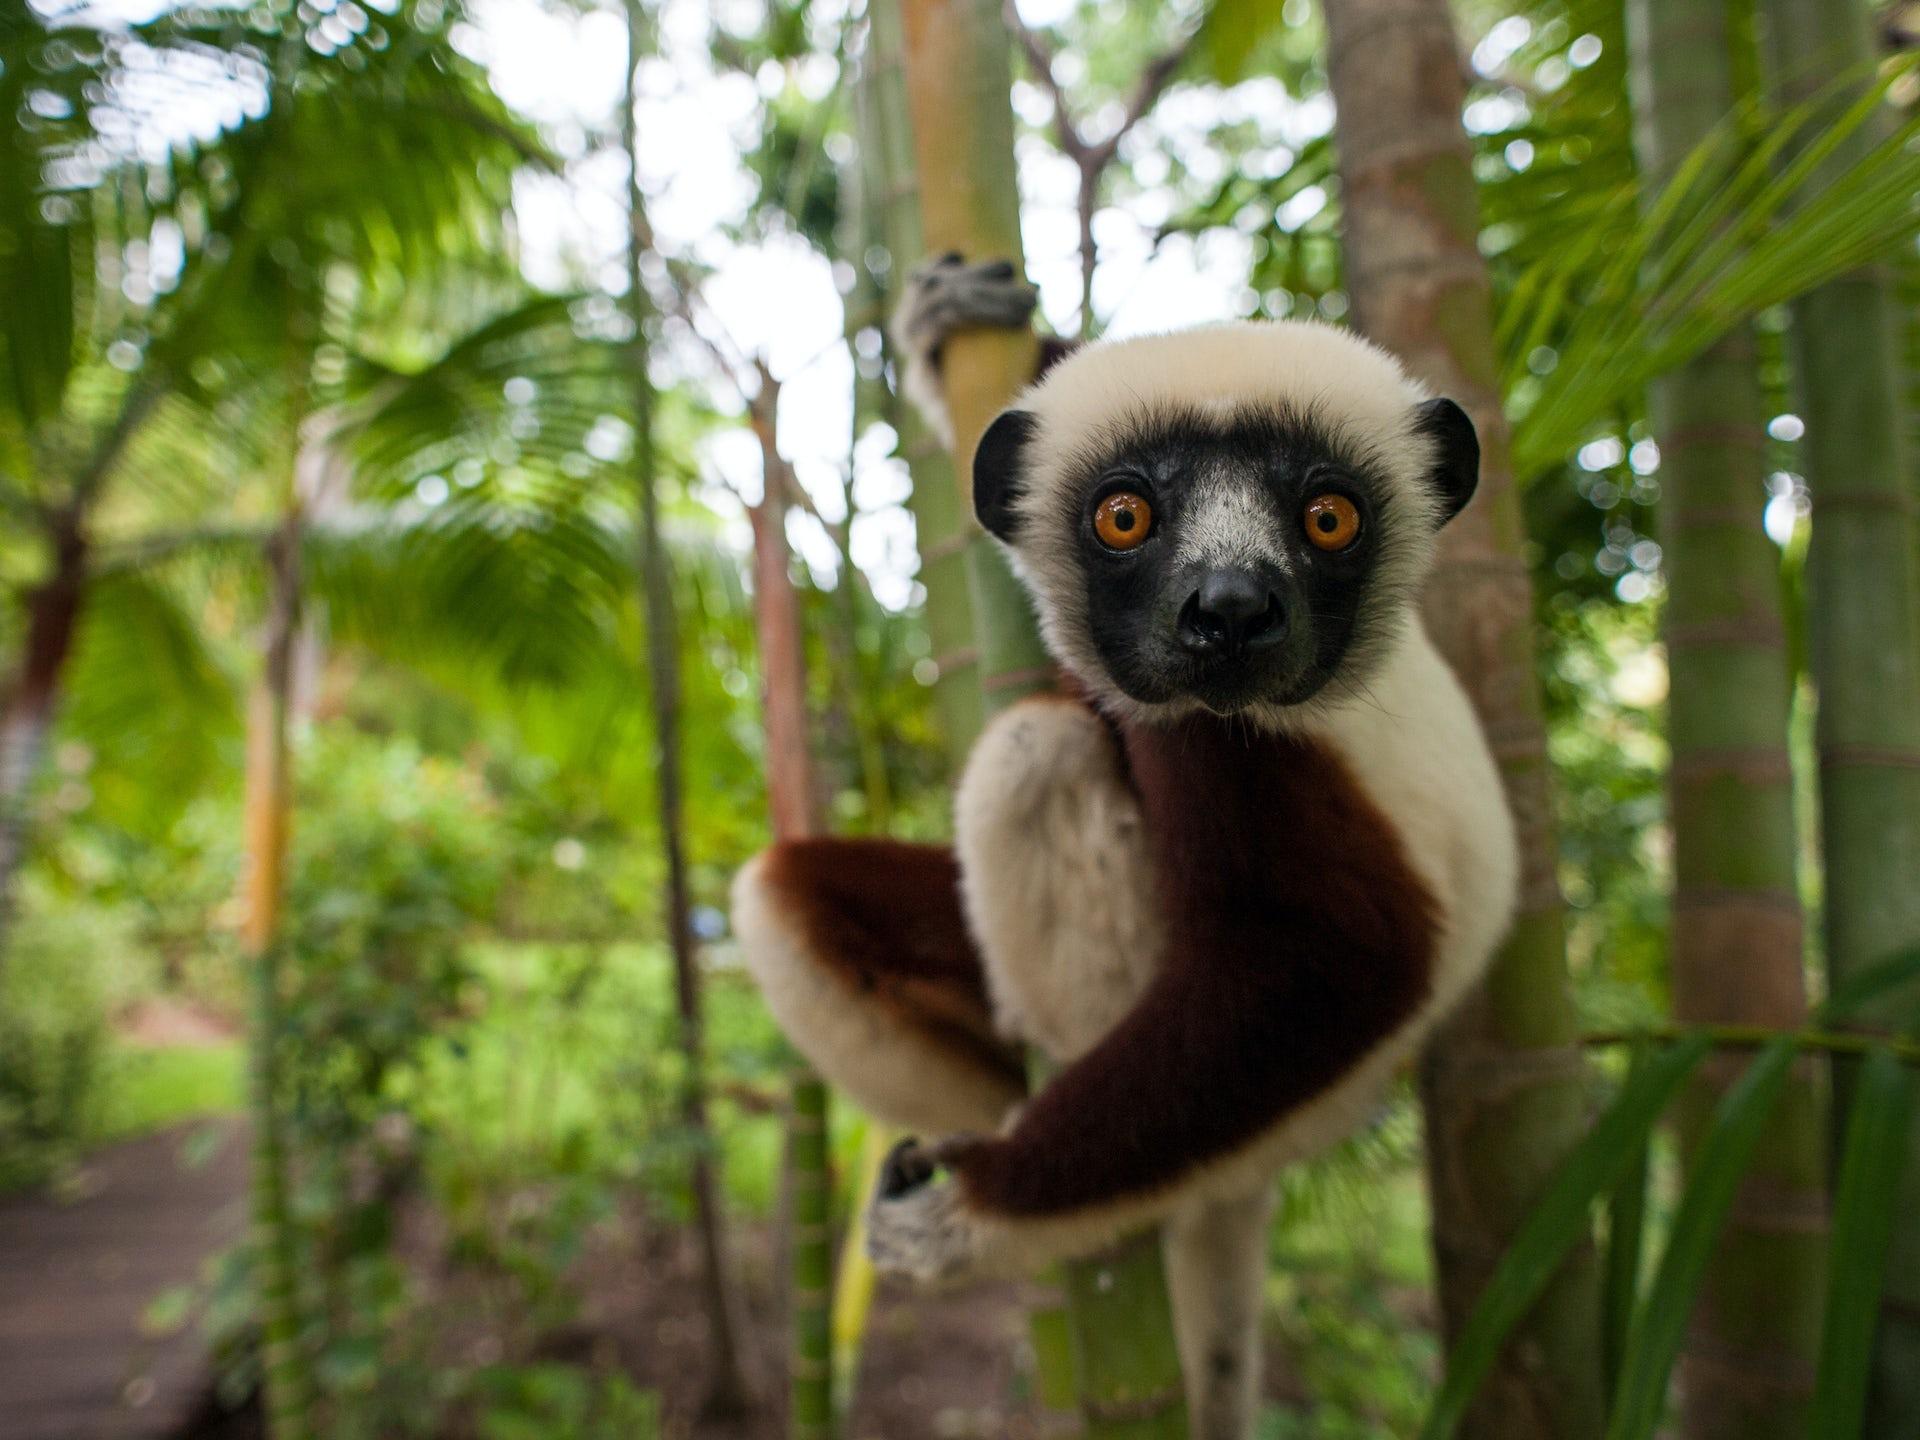 Nature S Comeback No The Coronavirus Pandemic Threatens The World S Wildlife